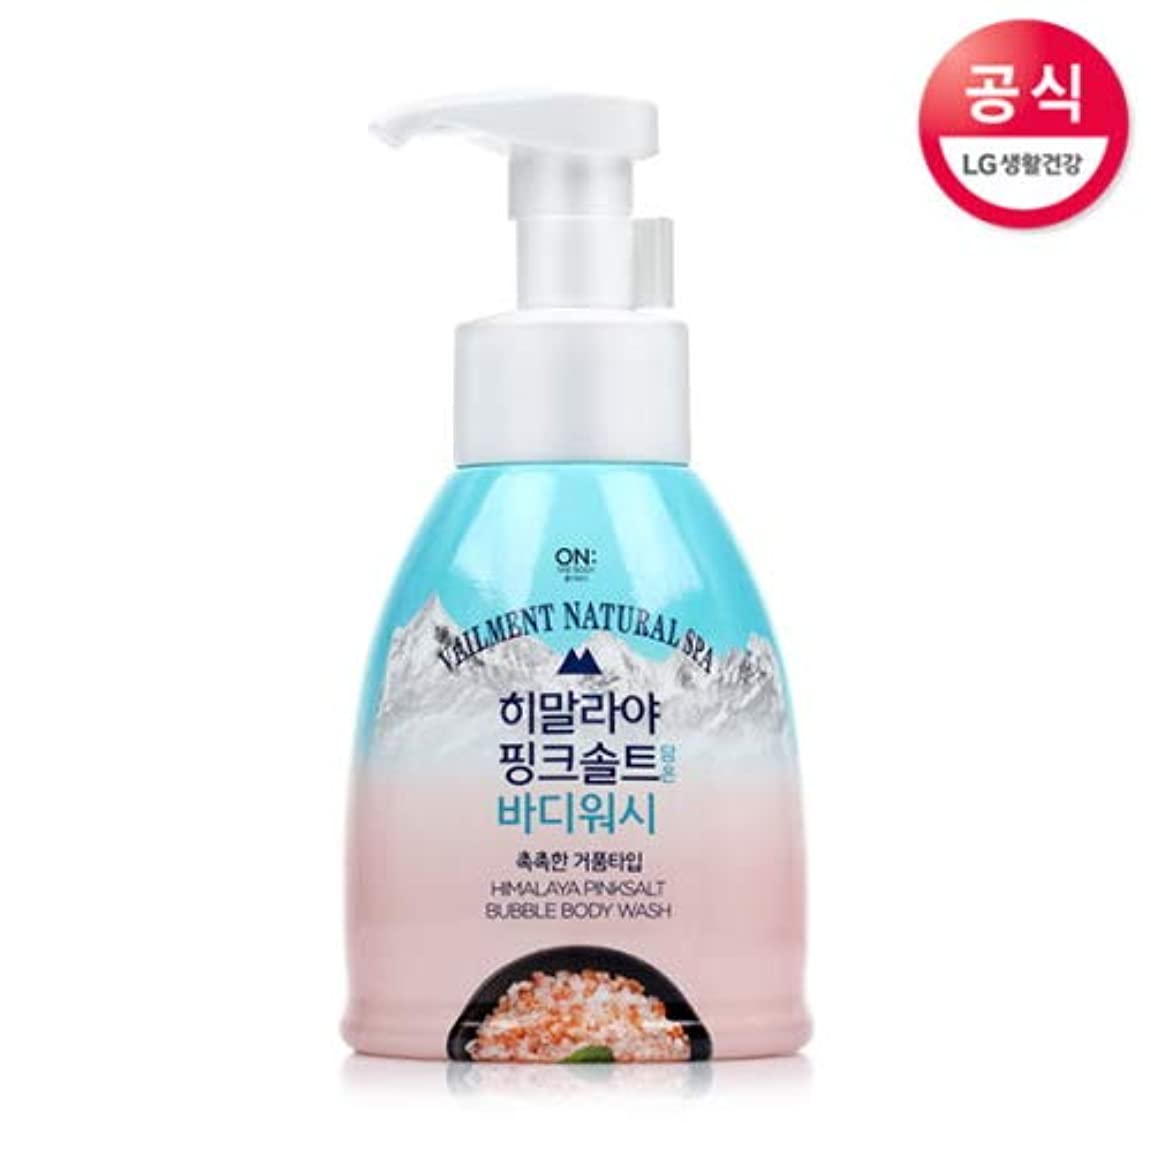 とは異なり大人制限された[LG HnB] On the Body Himalayan Pink Salt Bubble Body Cleanser/オンザボディヒマラヤピンクソルト、バブルボディクレンザー 540ml x1個(海外直送品)